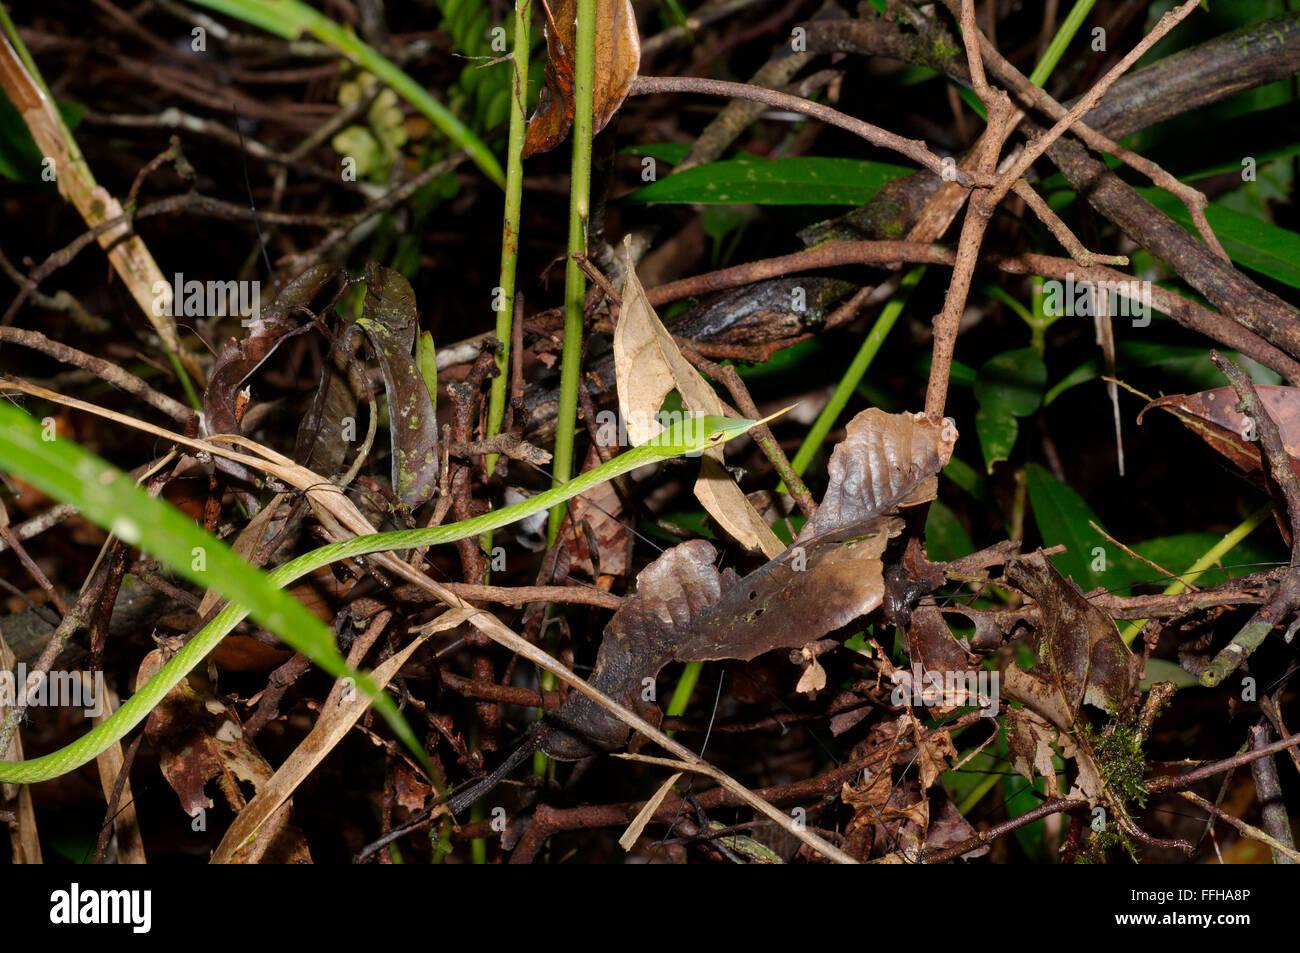 Árbol de hocico largo, Serpiente verde serpiente de vid, de hocico largo látigo asiático o SERPIENTE SERPIENTE (vid Ahaetulla nasuta) de la Reserva Forestal de Sinharaja, Foto de stock